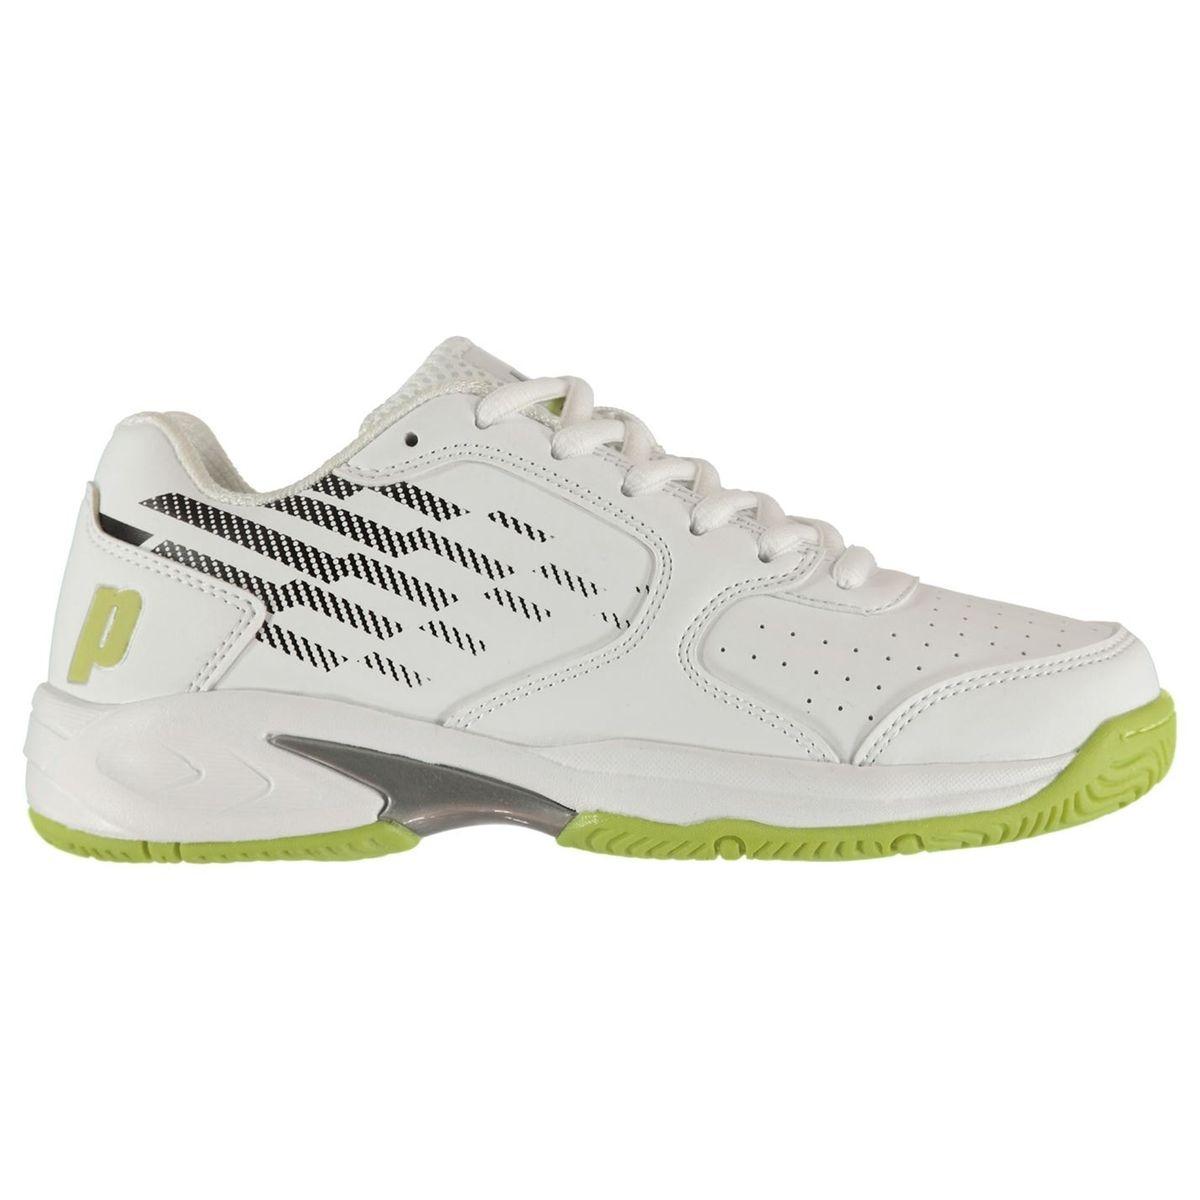 Chaussures de tennis Reflex